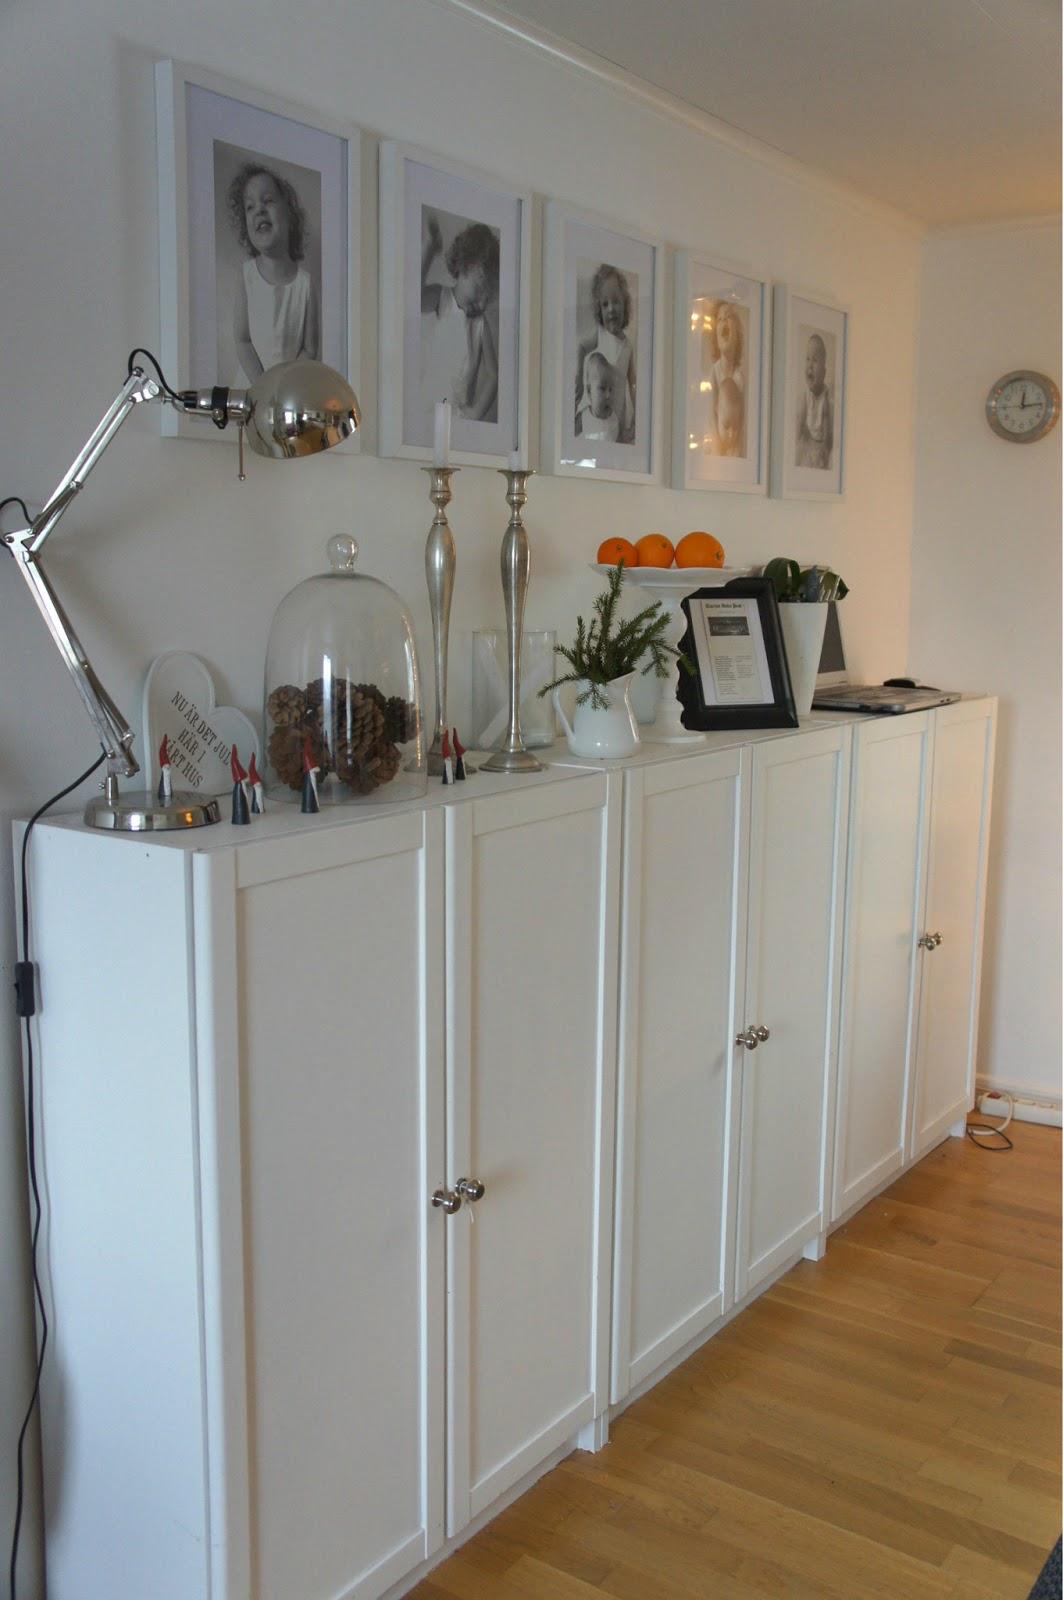 The House And Life Of Mine: Att förvandla Ikea skåp till vacker skänk